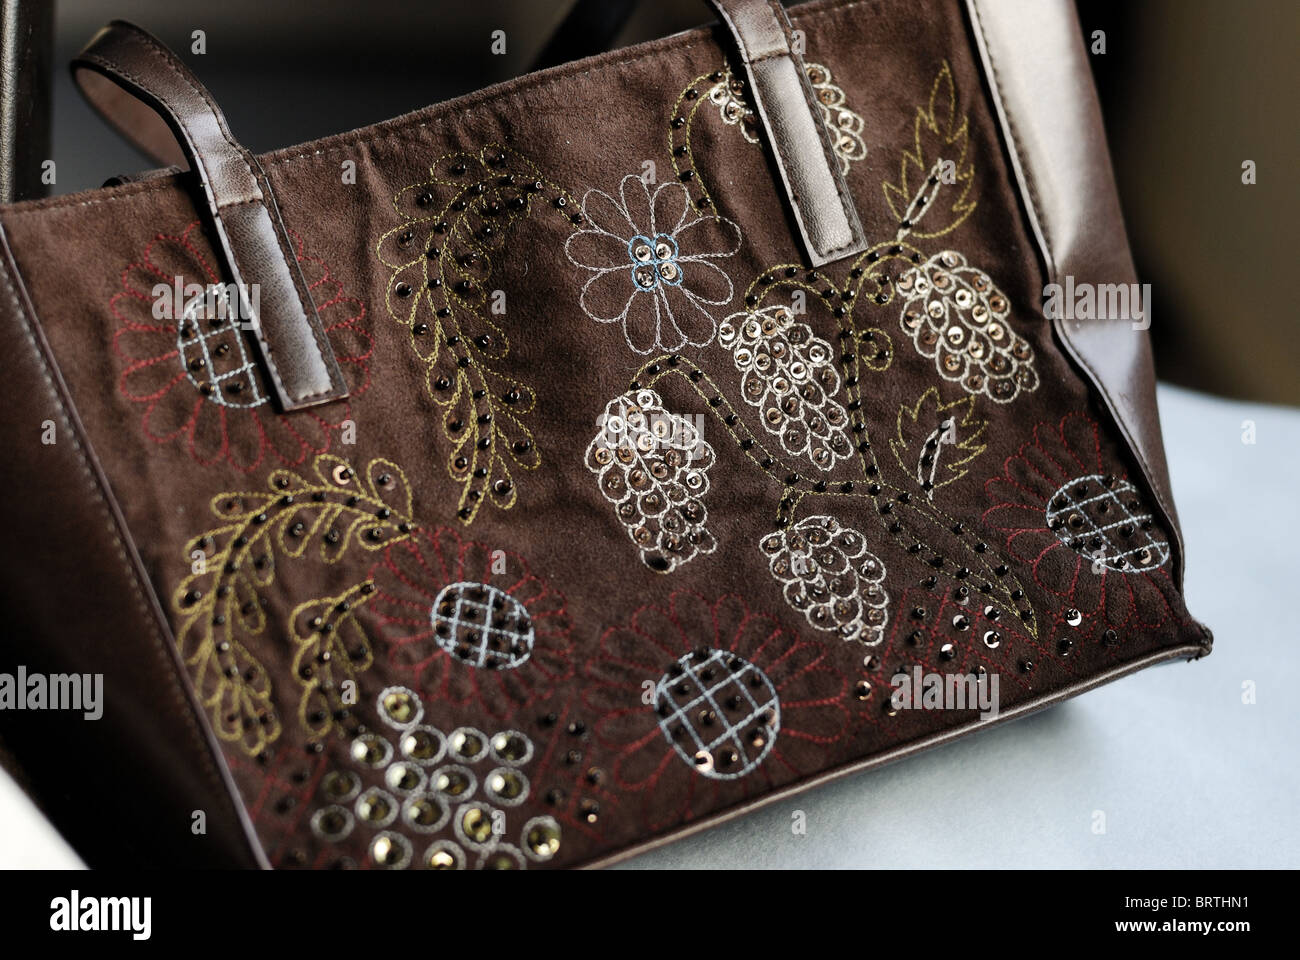 Leder und Wildleder braun Zubehör Handtasche Zubehör Tasche Griff Riemen Nähen tragen tragen Clutchbag Stockbild